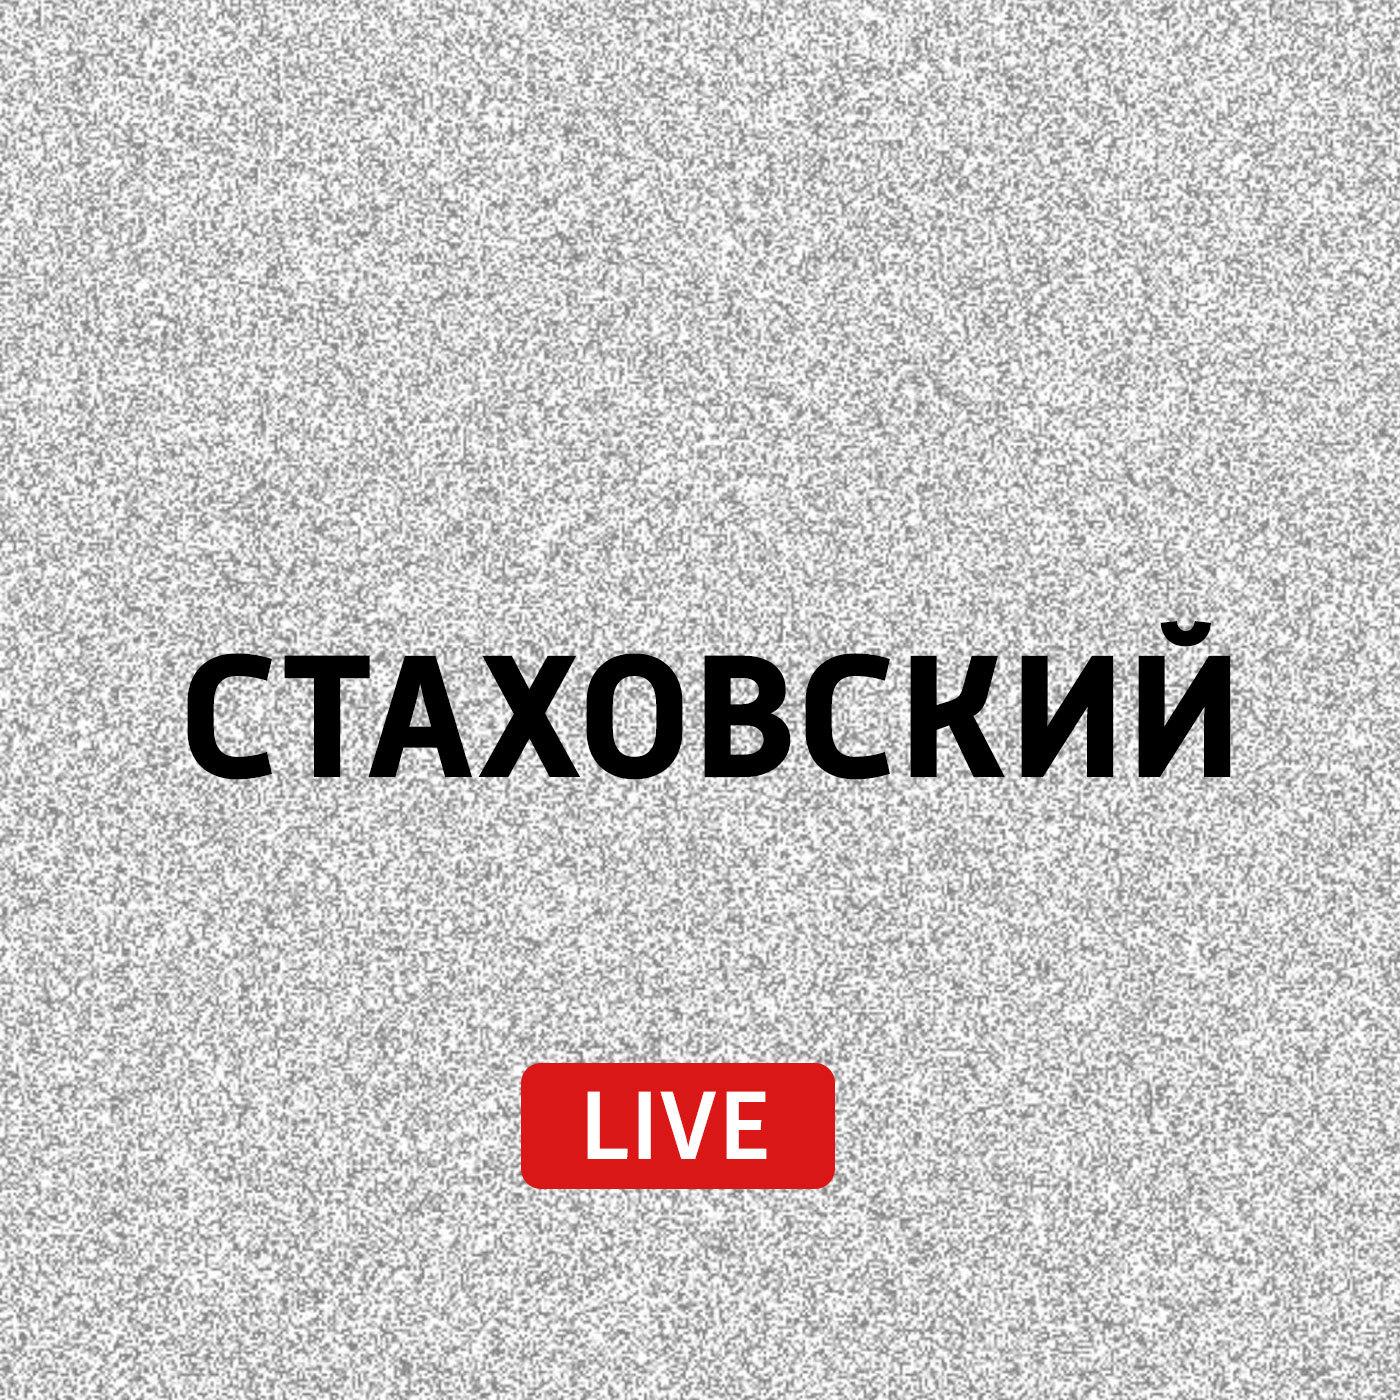 Евгений Стаховский Об инстаграммных лжебожествах и Улофе Пальме евгений стаховский жить полной жизнью